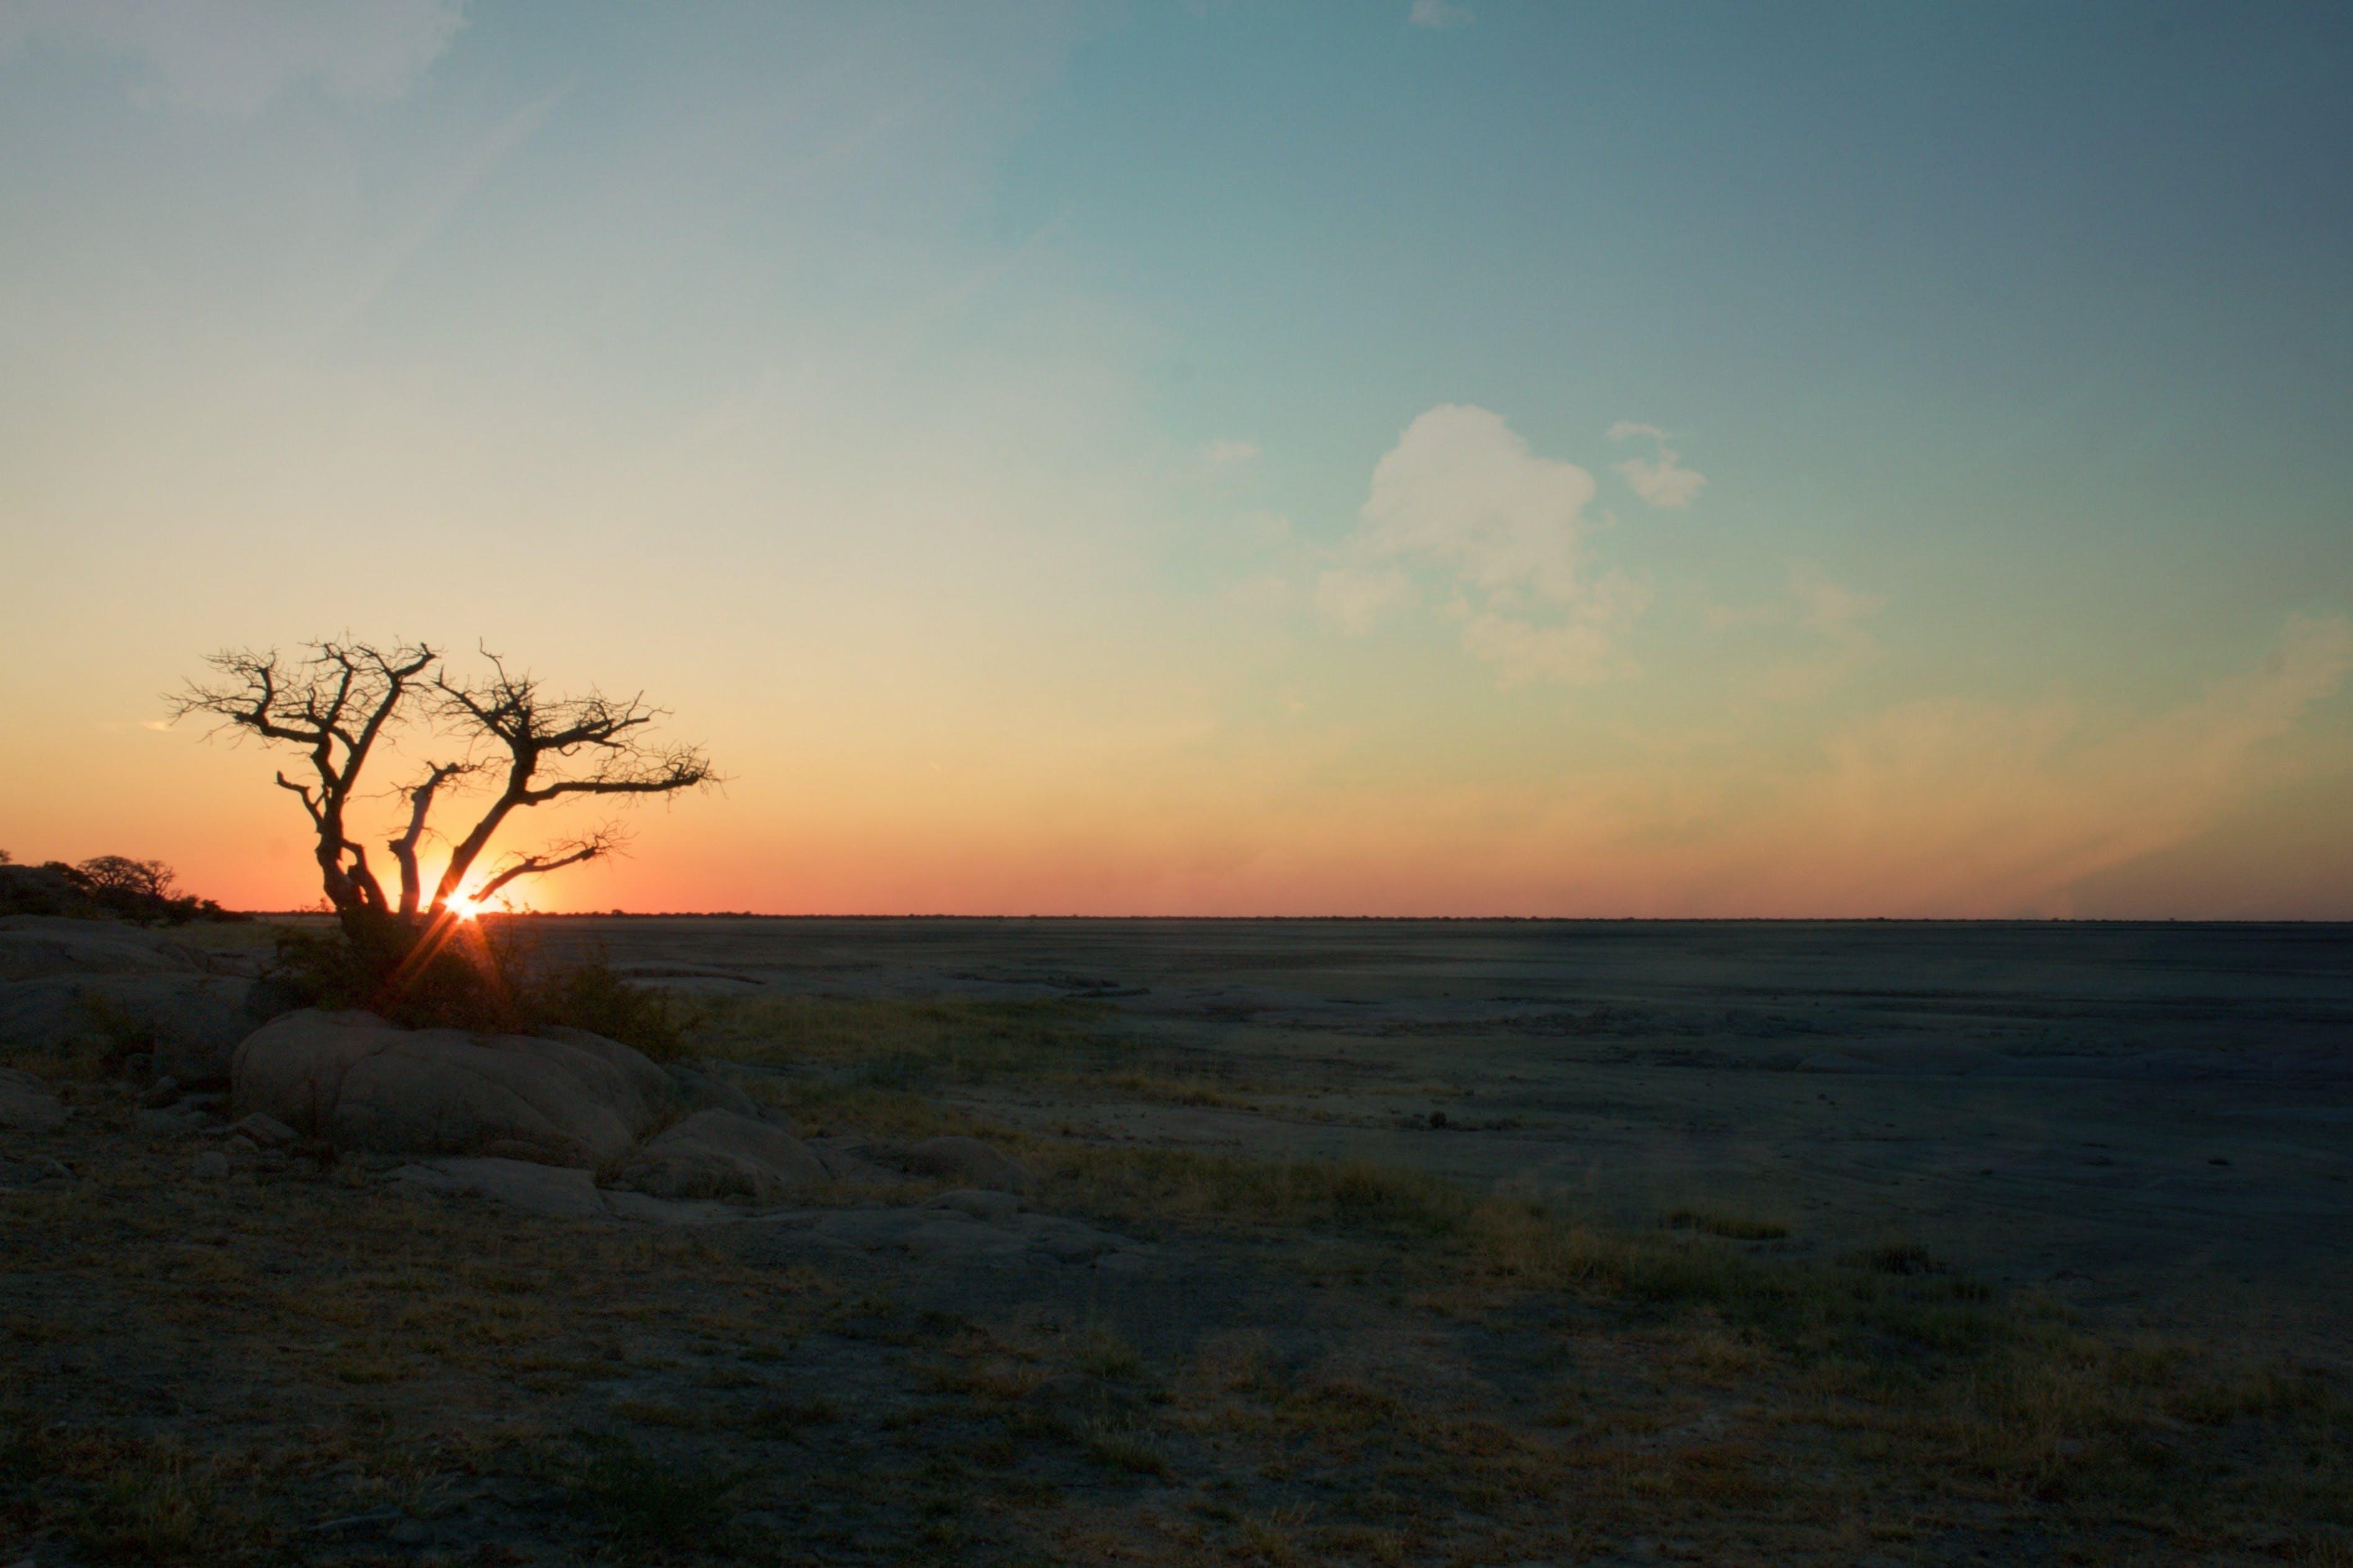 ağaç, doğa, gün batımı